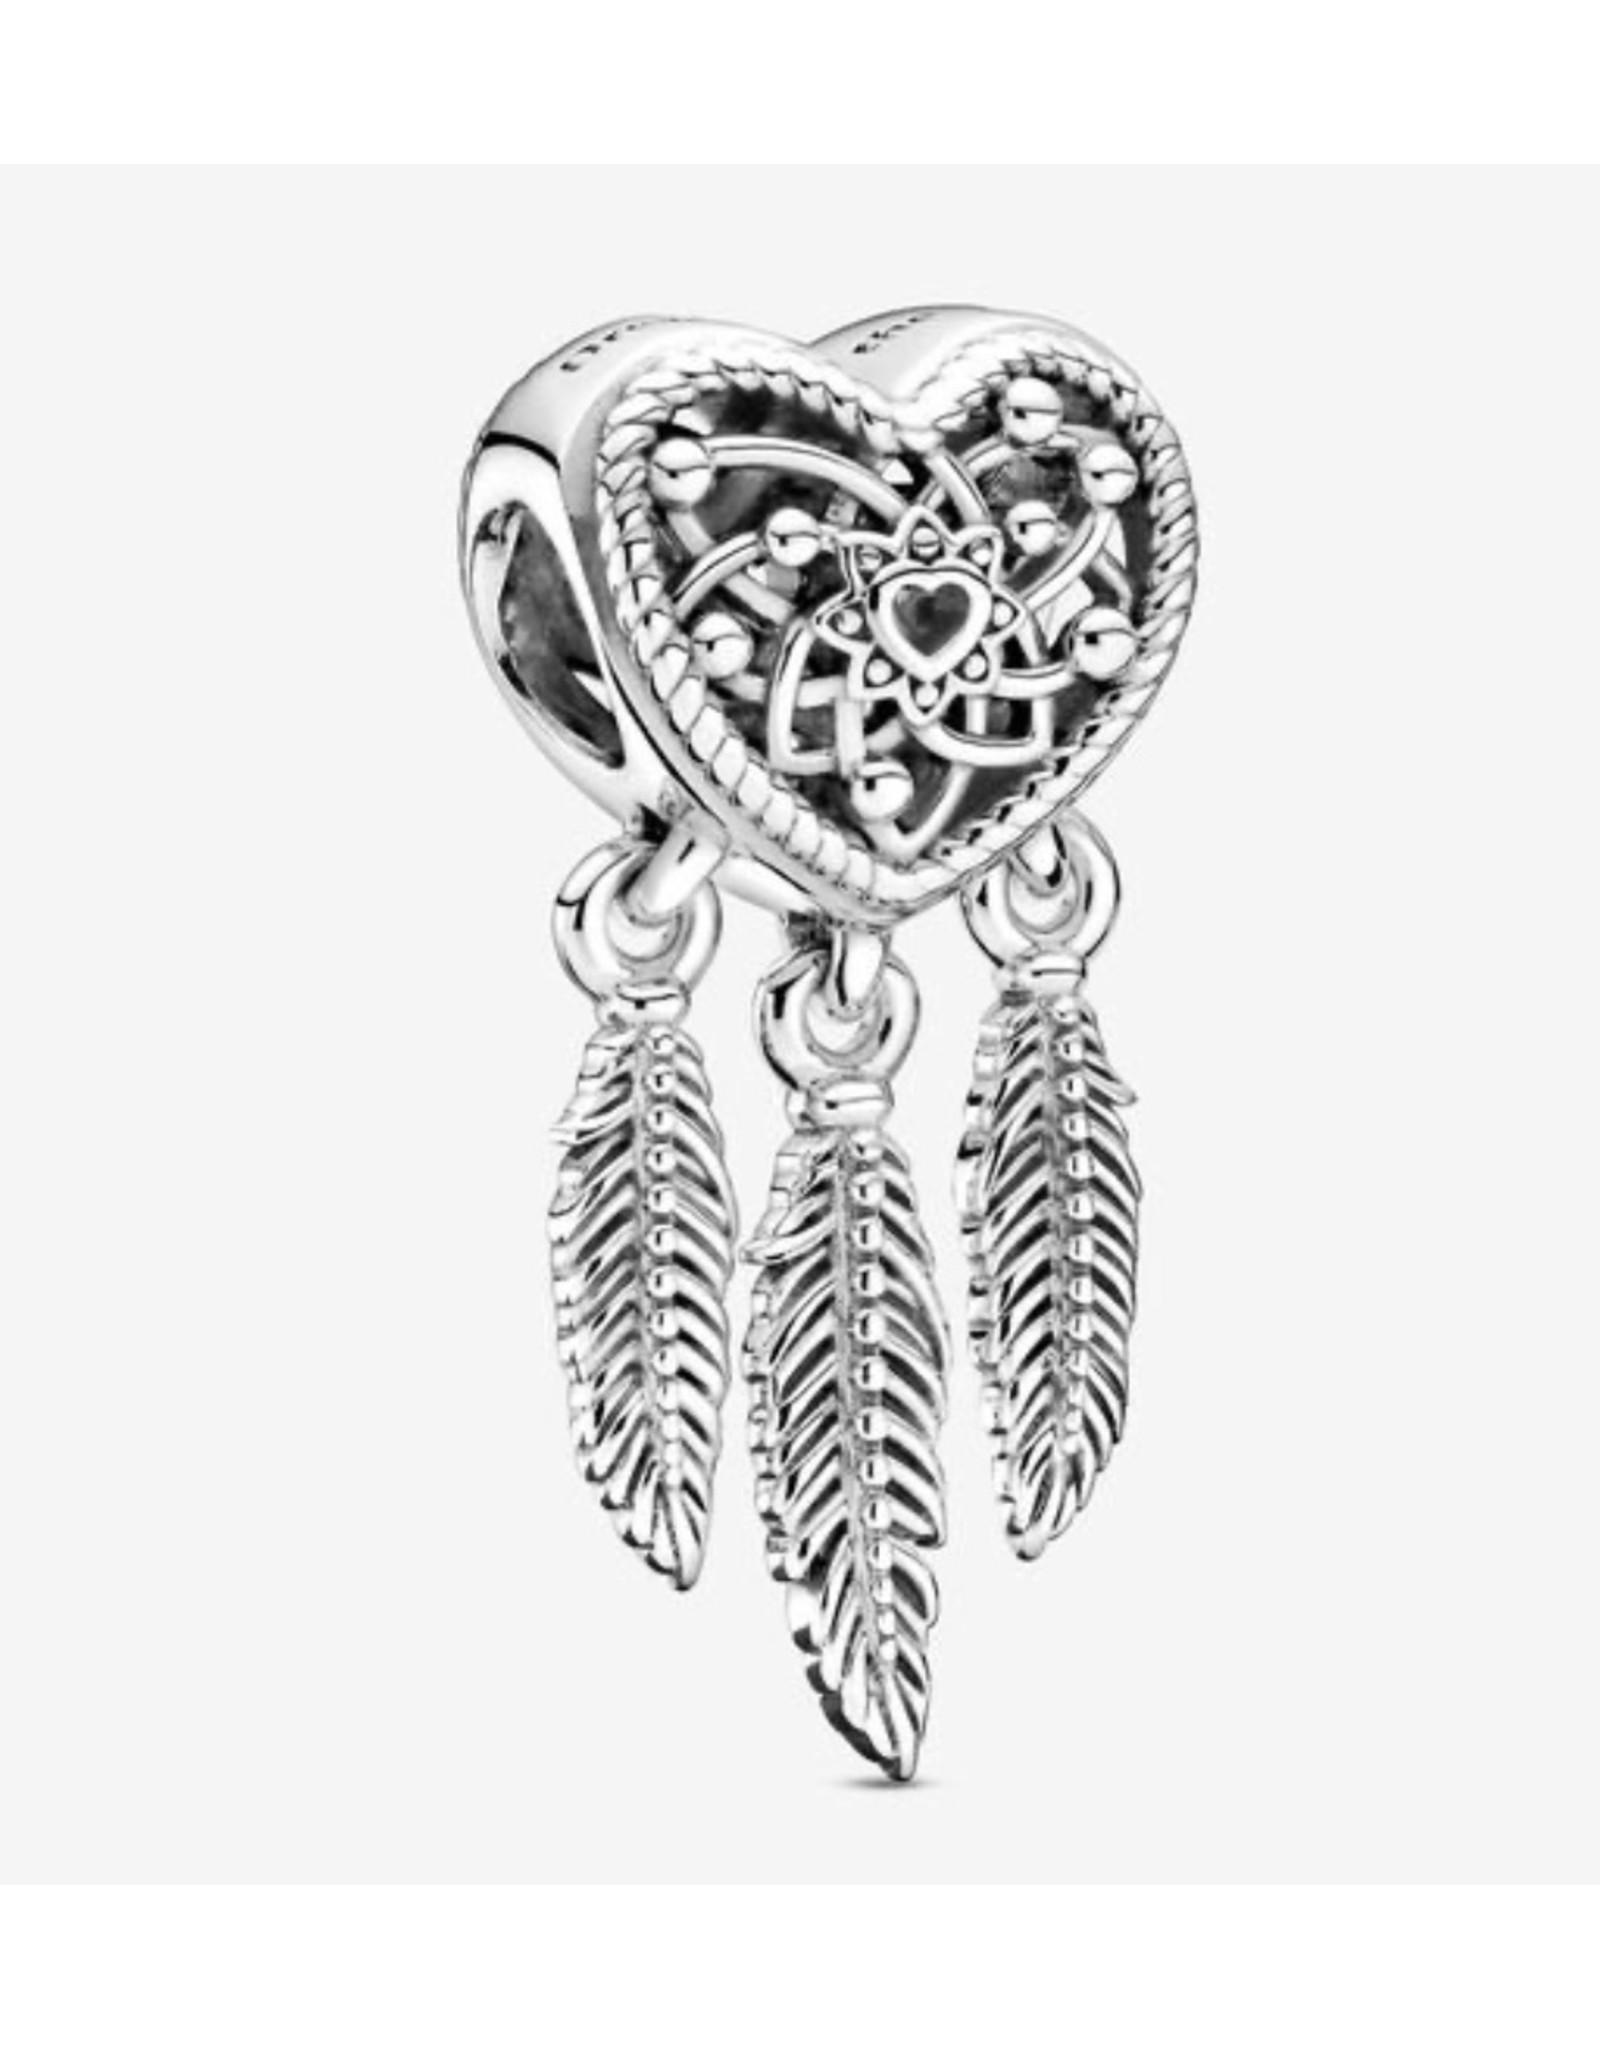 Pandora Pandora Charm,799107C00, Openwork Heart & Three Feathers Dreamcatcher, Sterling Silver